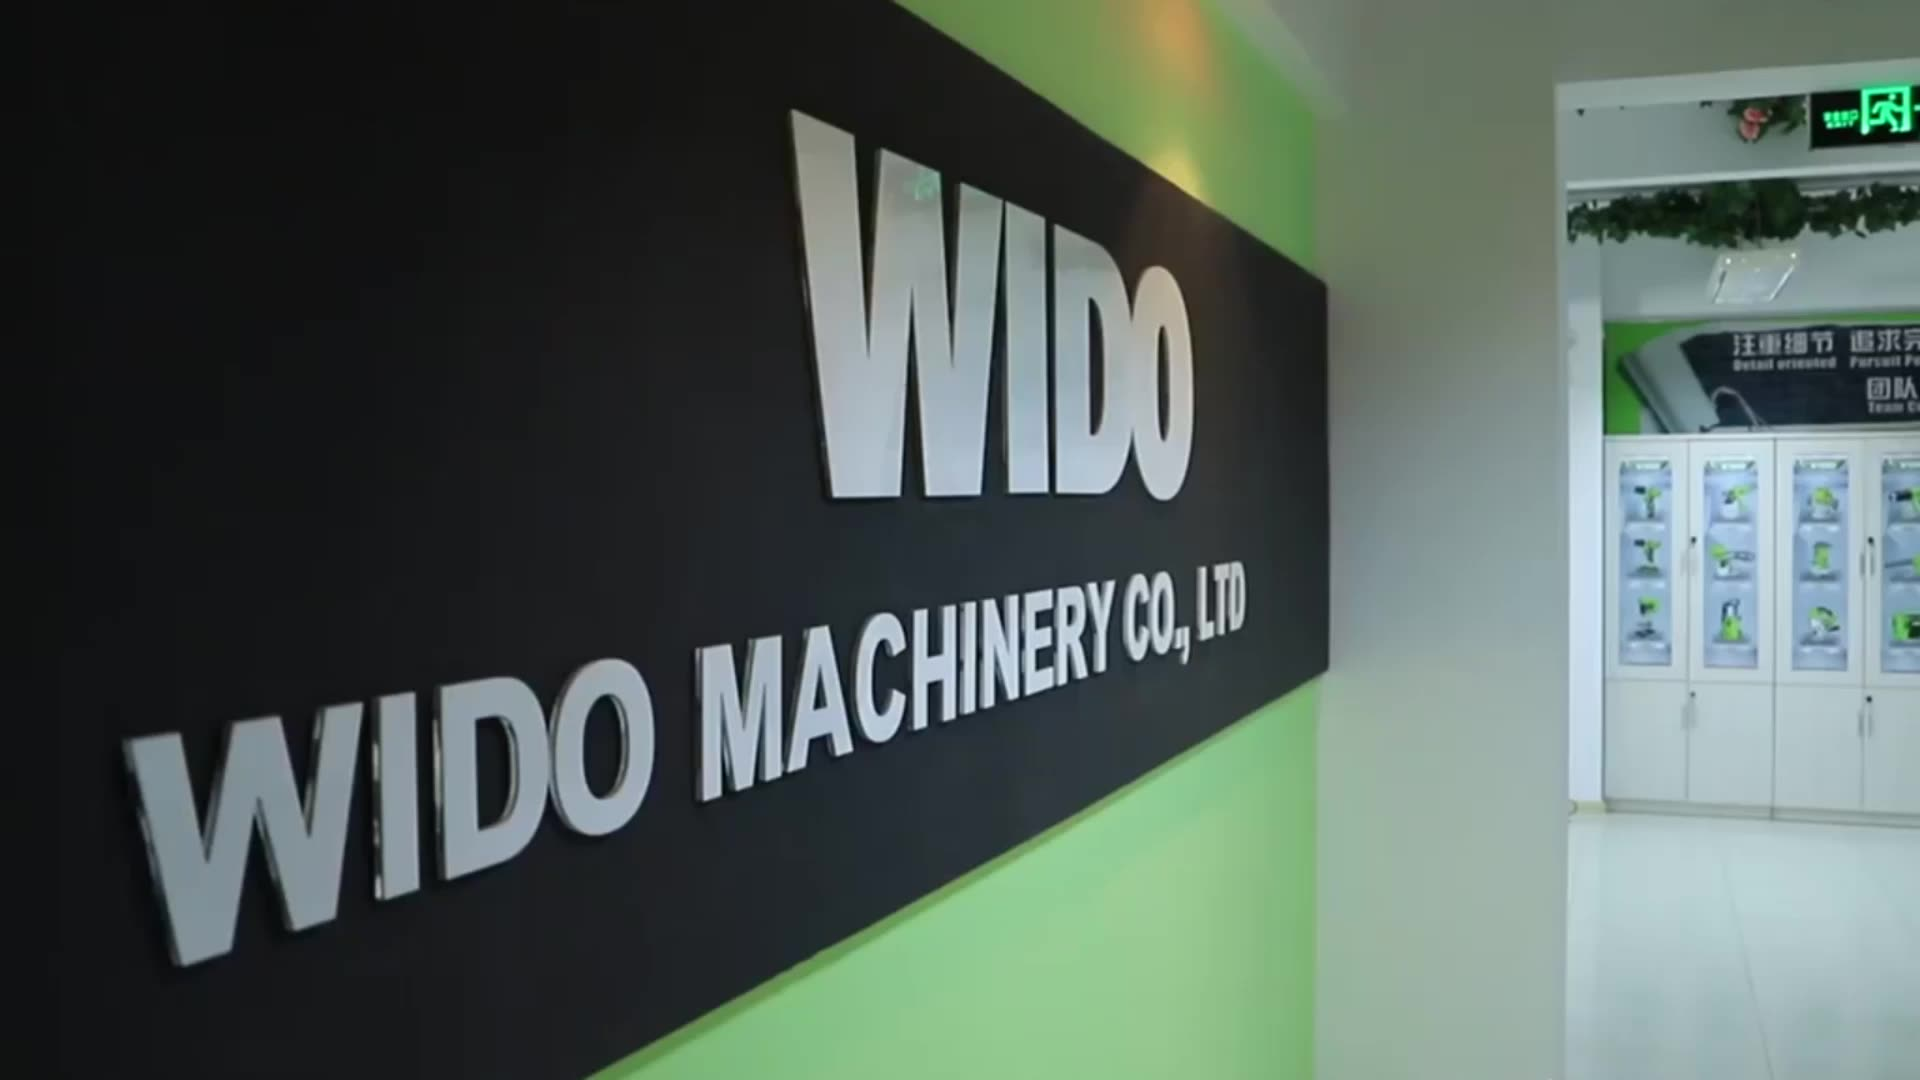 Vido Power Tools 1100W 28Mm 2 Functie Sds Plus Boorhamer Machine